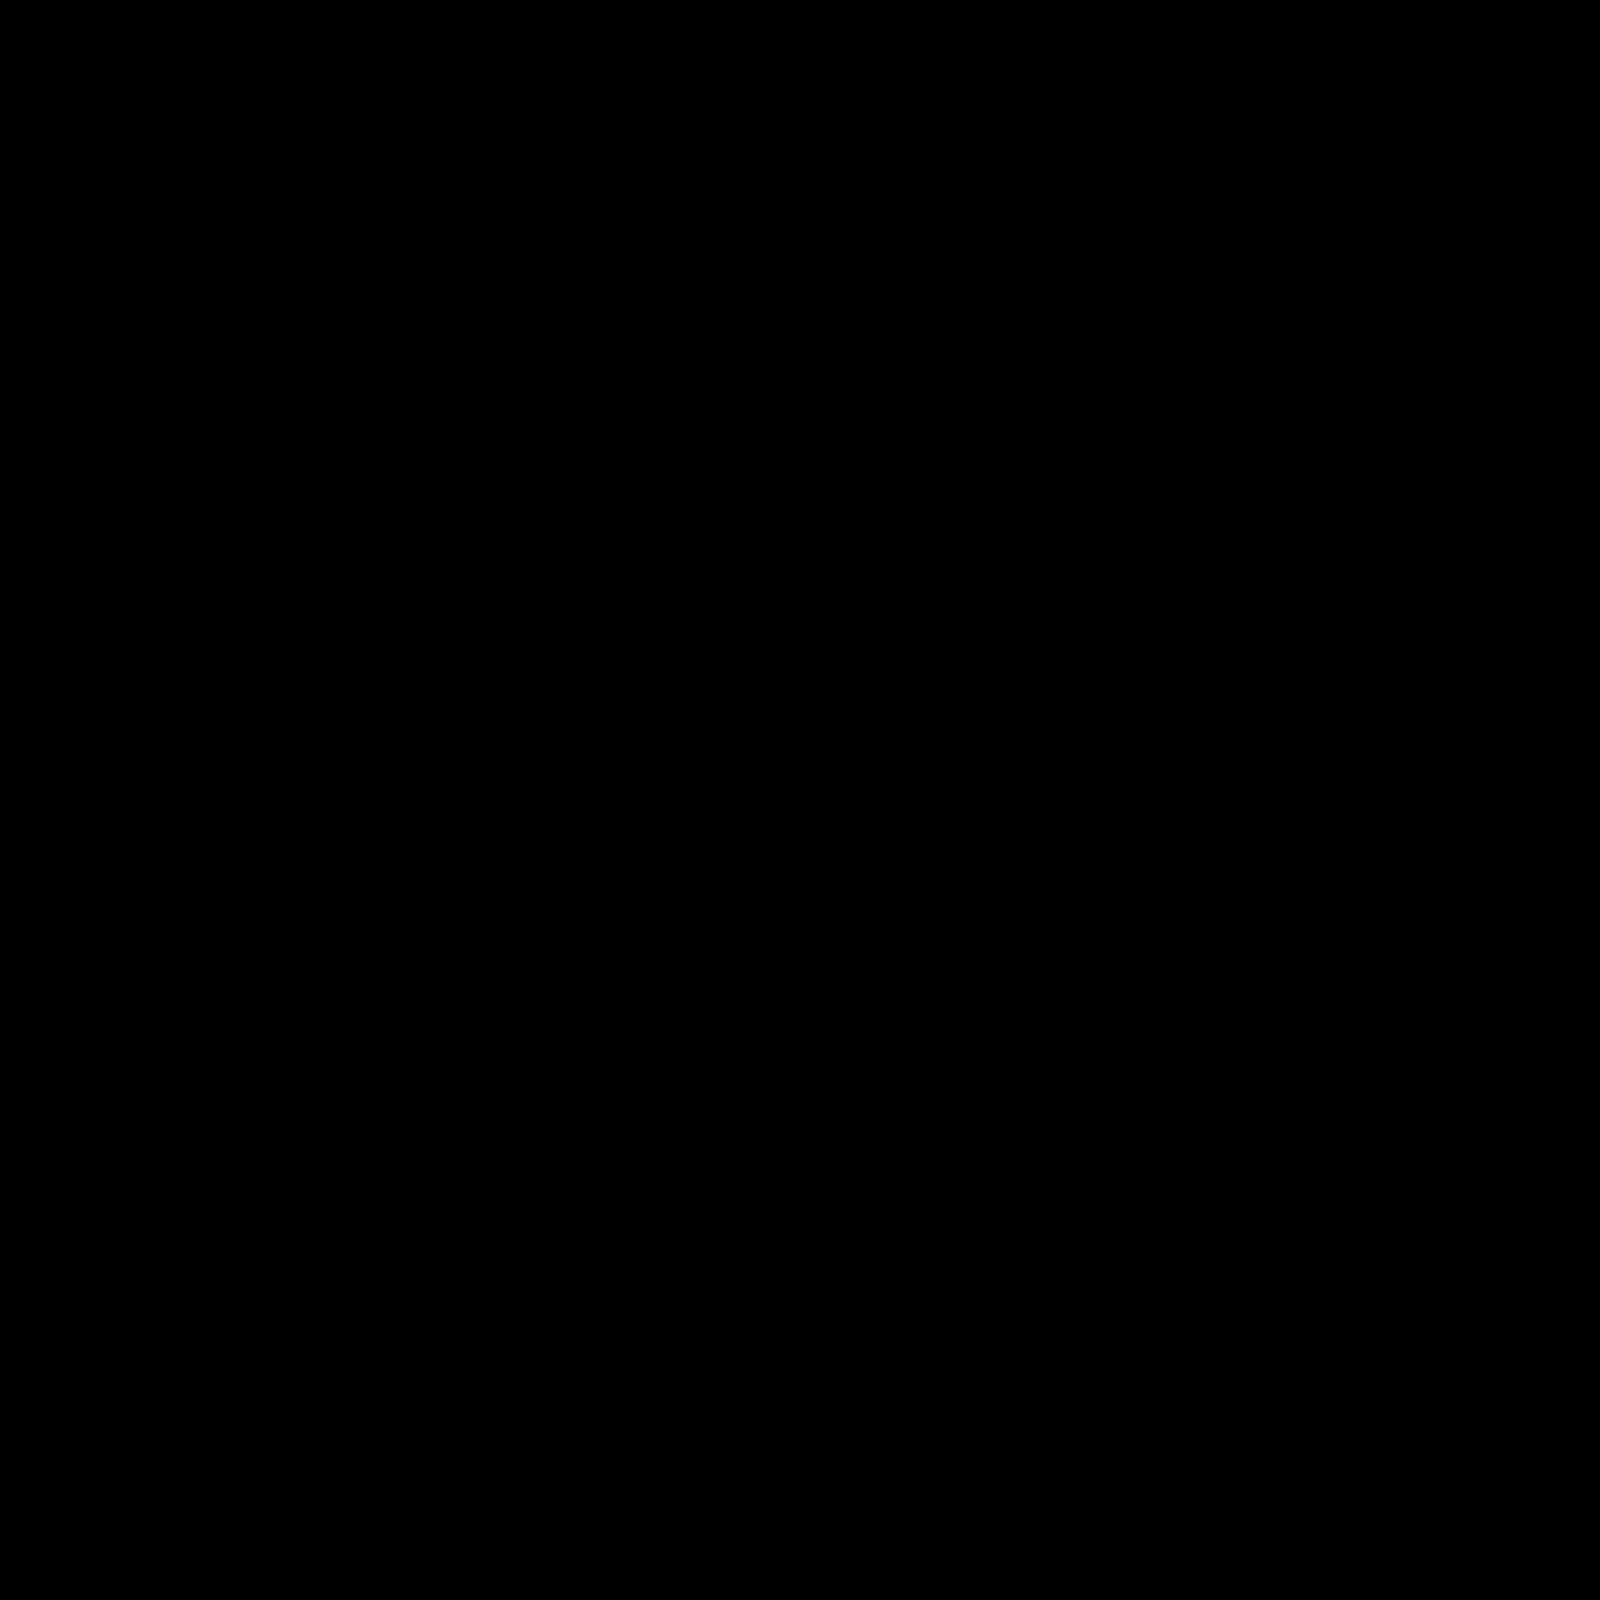 Nuty icon